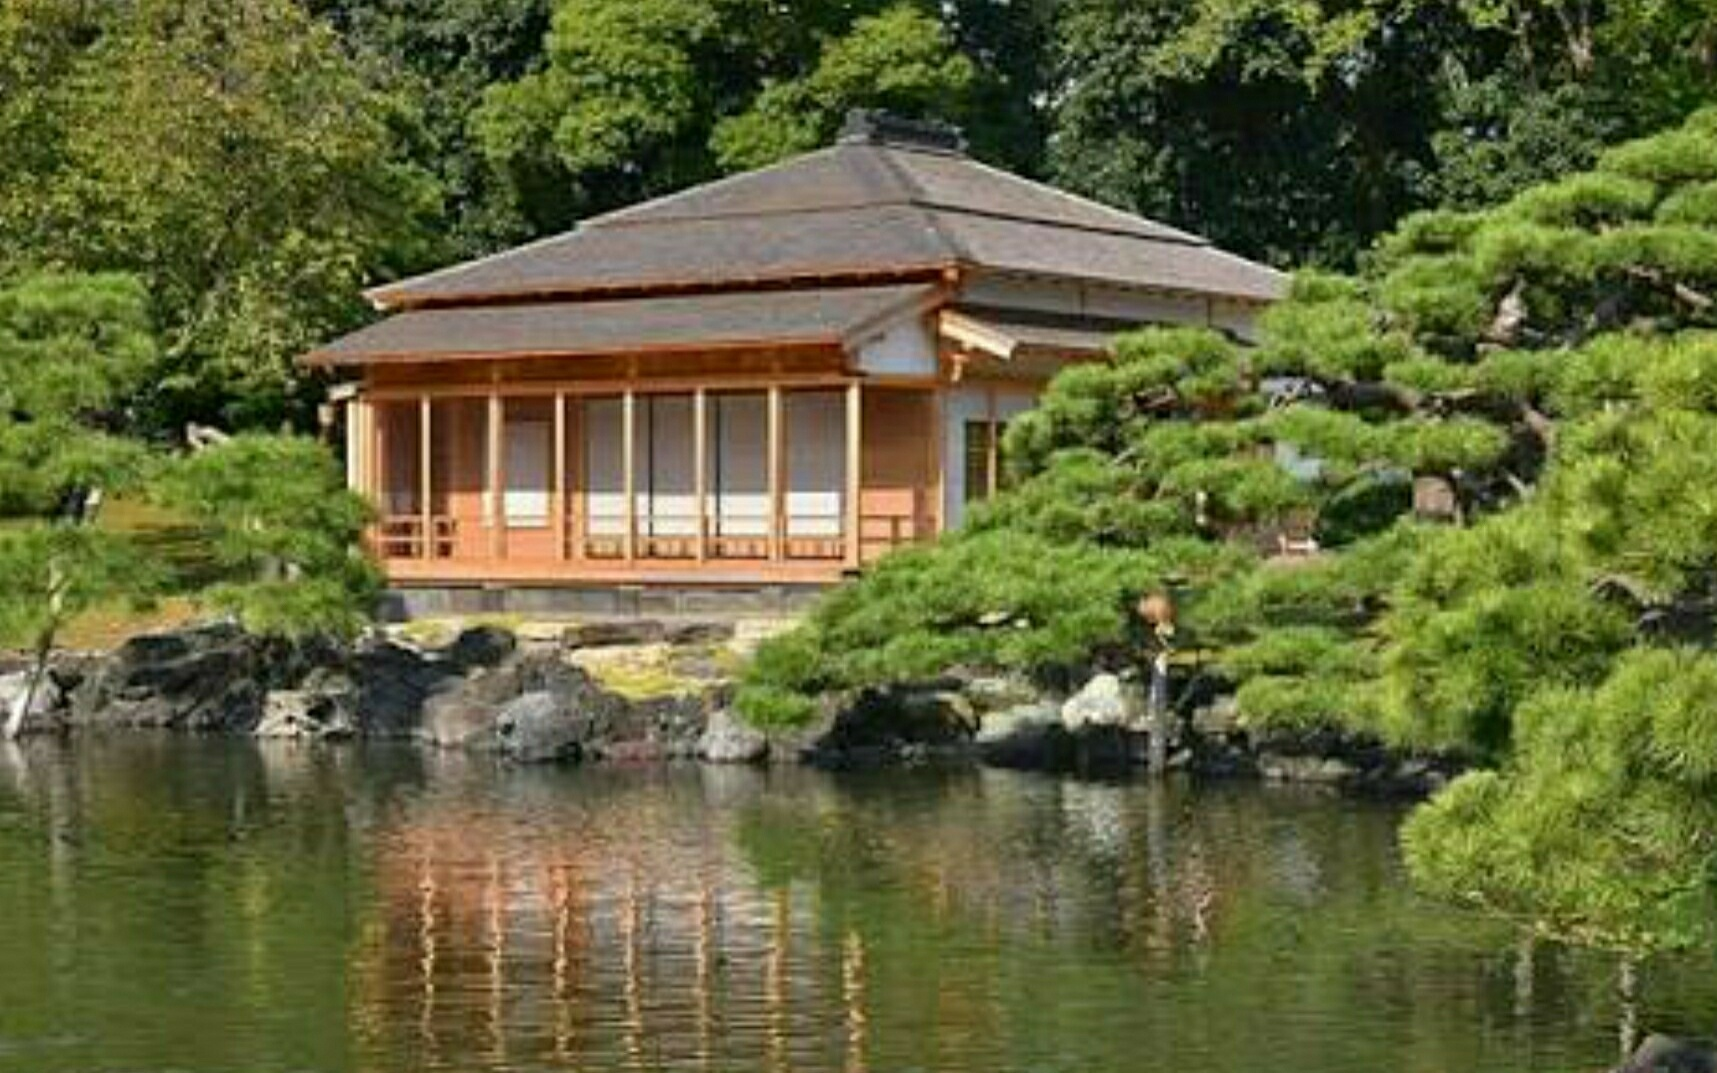 Swallow Teahouse in the garden